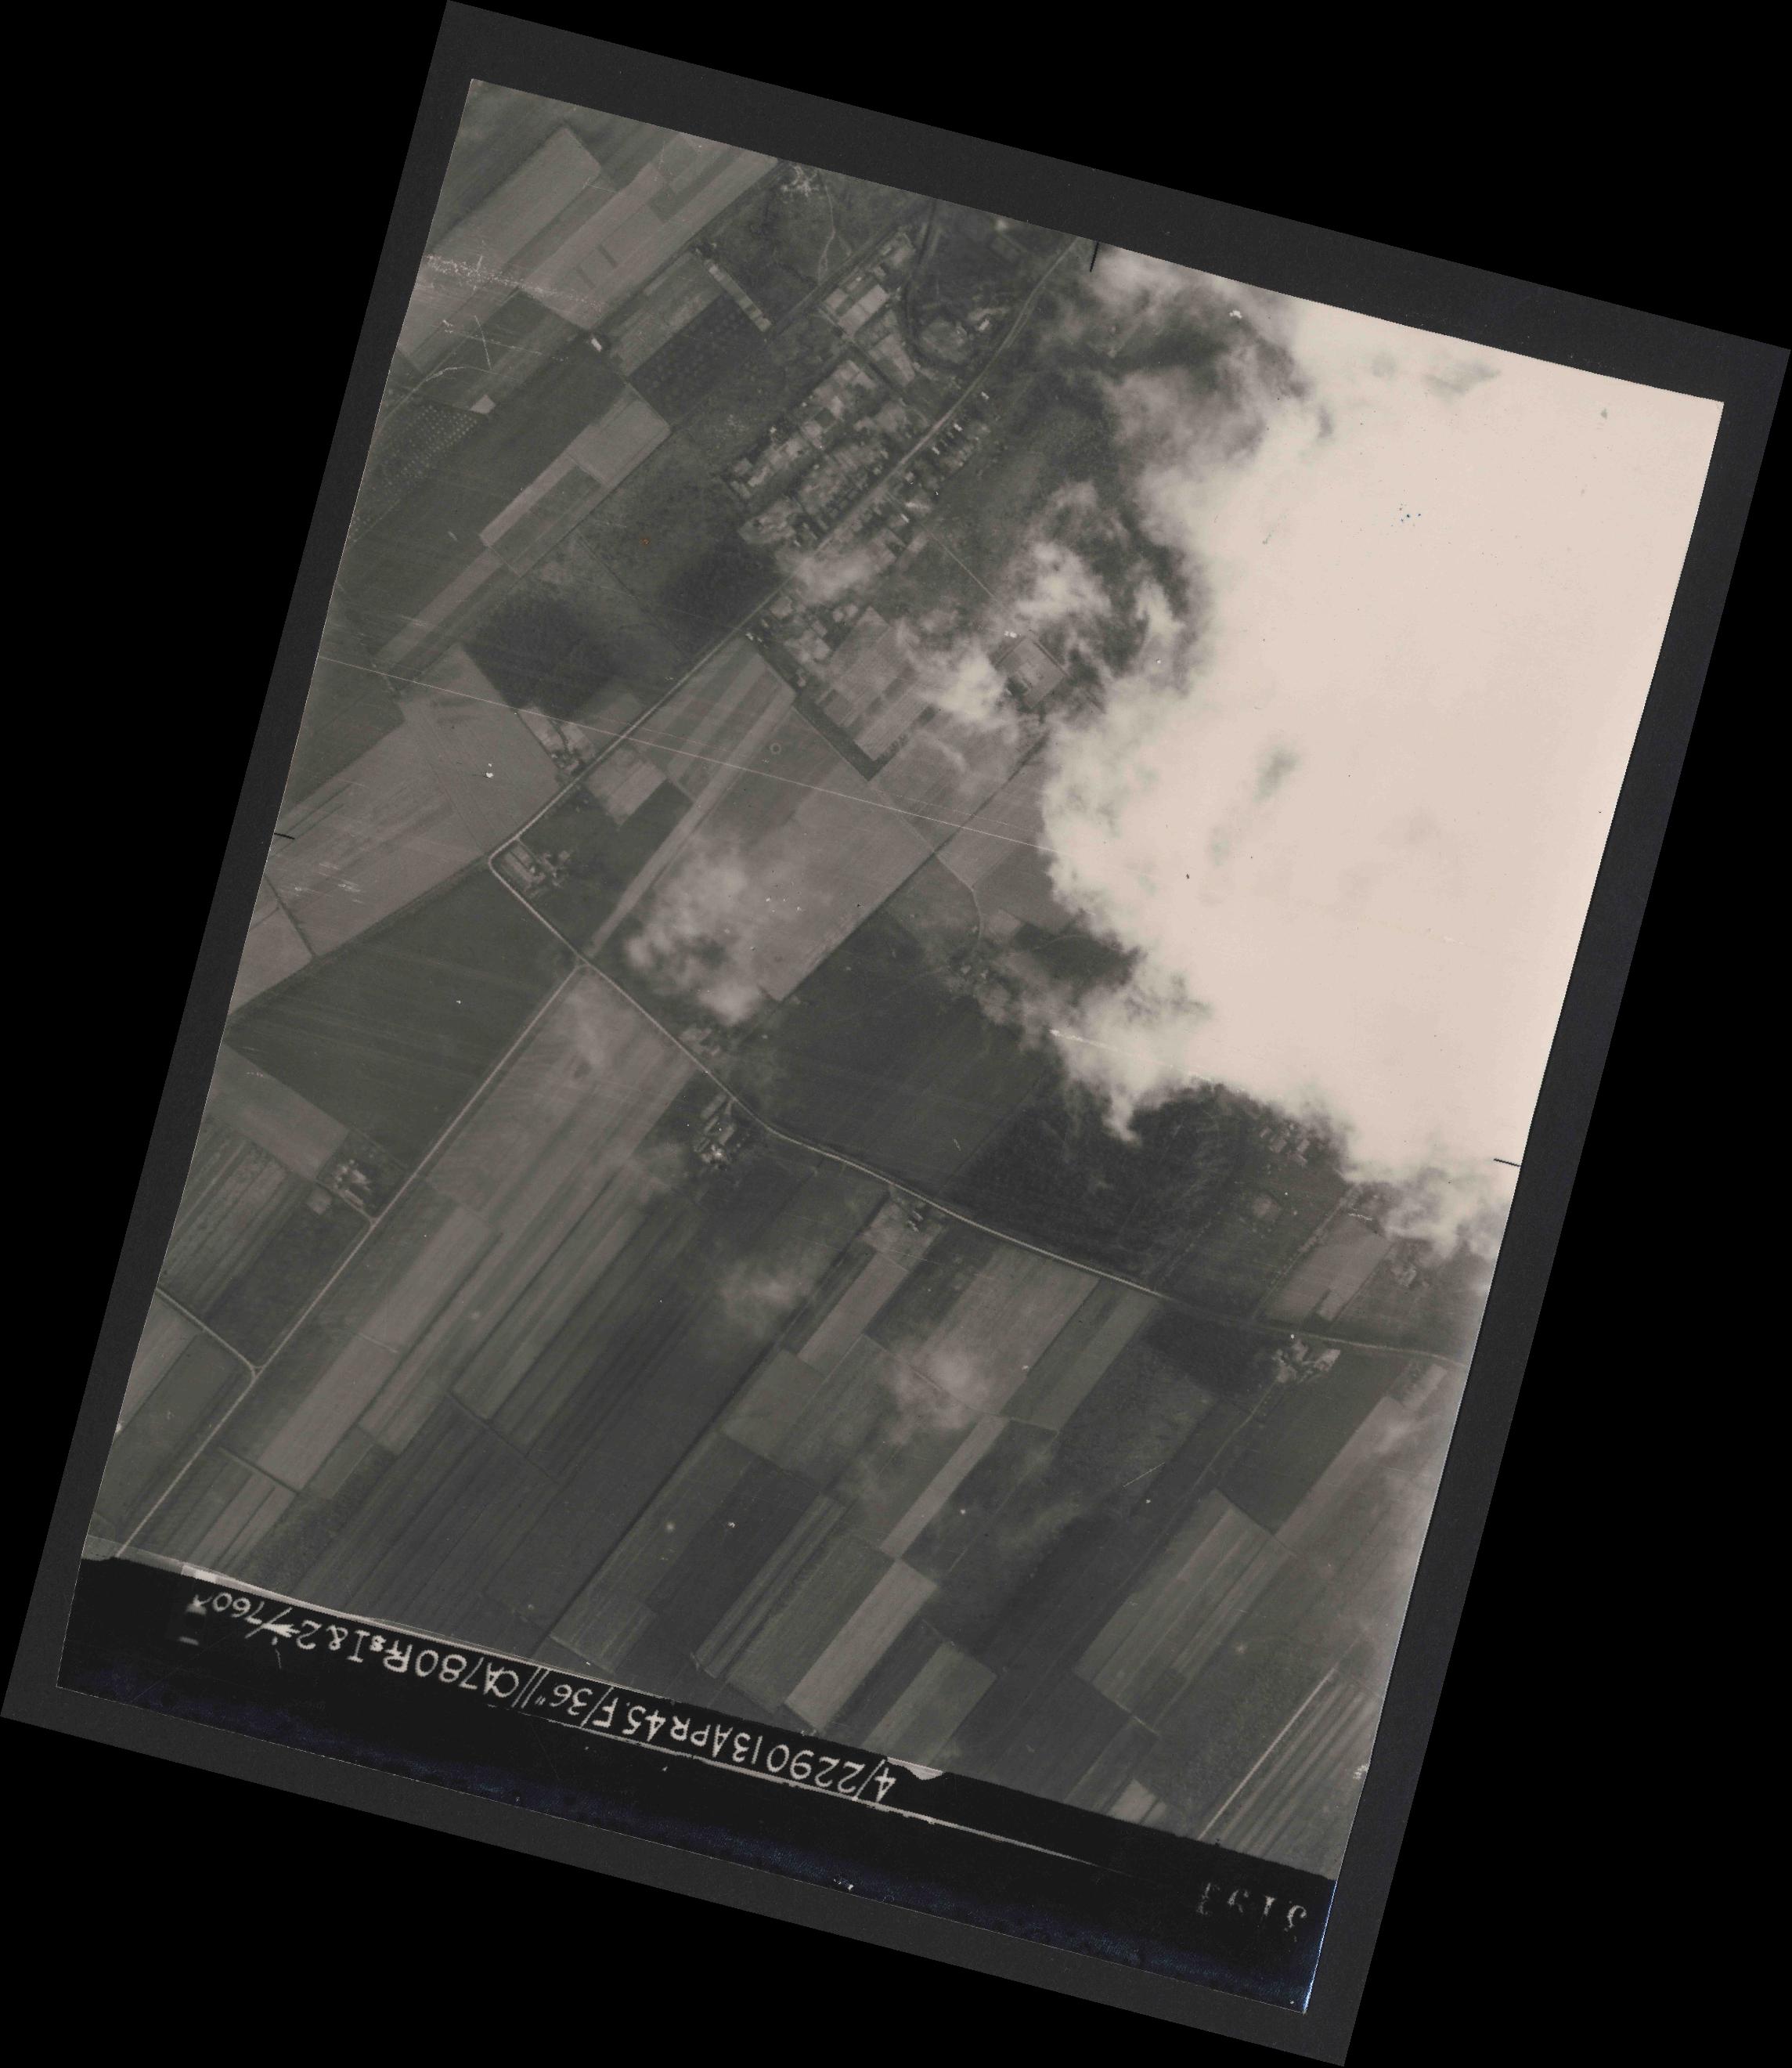 Collection RAF aerial photos 1940-1945 - flight 081, run 17, photo 3193